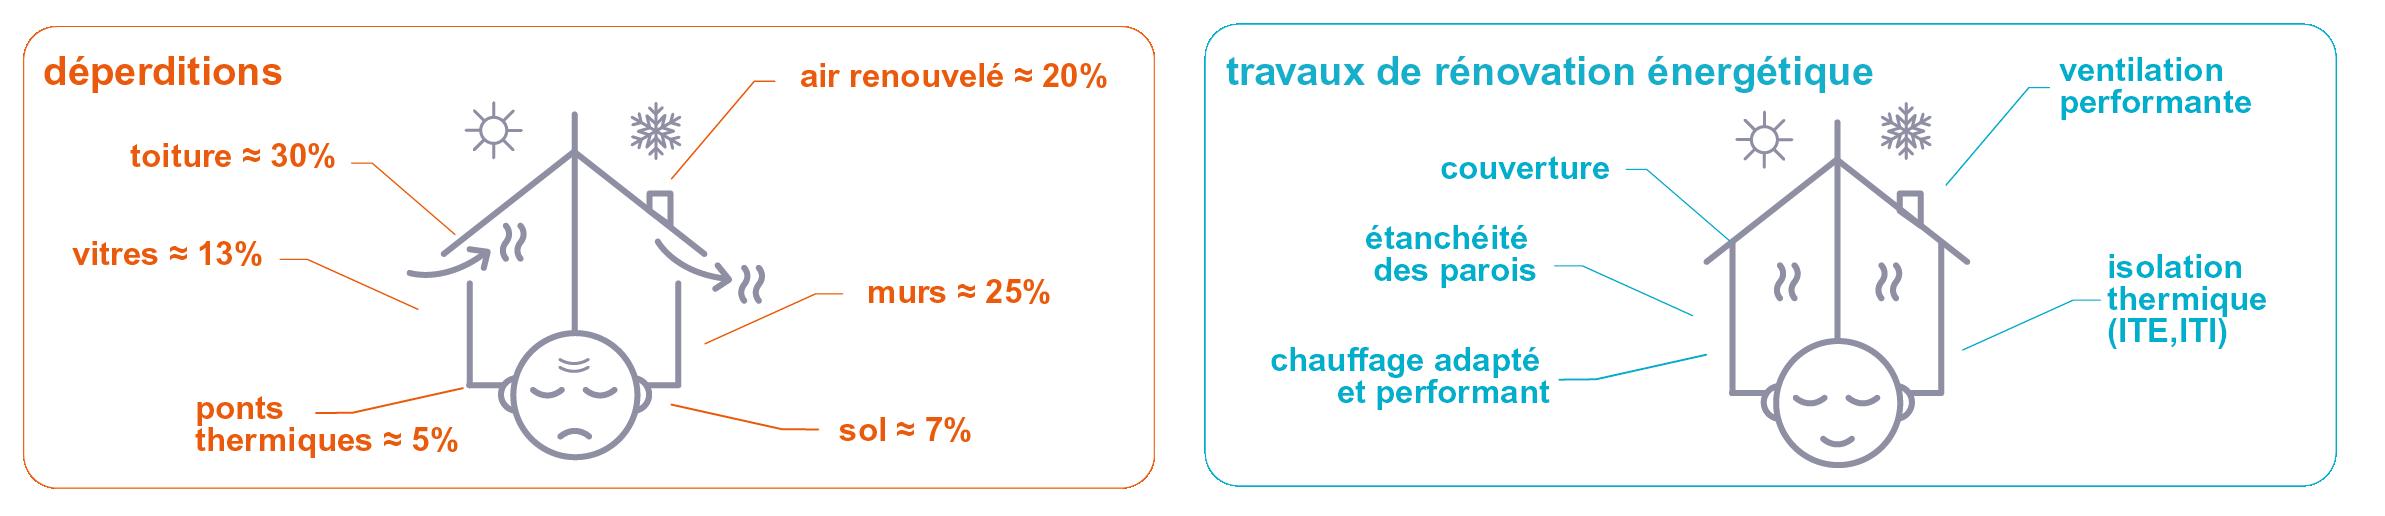 schema-progtravaux-deperditions-horizontale